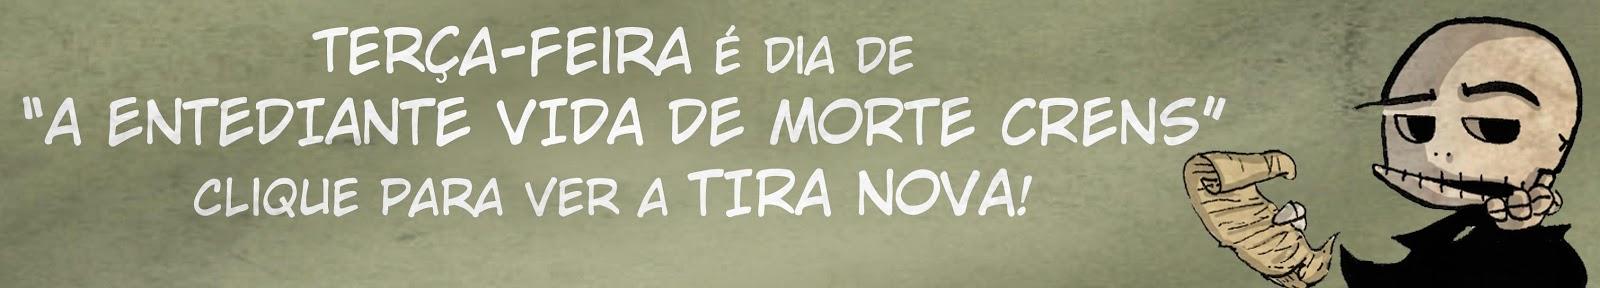 http://mortecrens.blogspot.com.br/